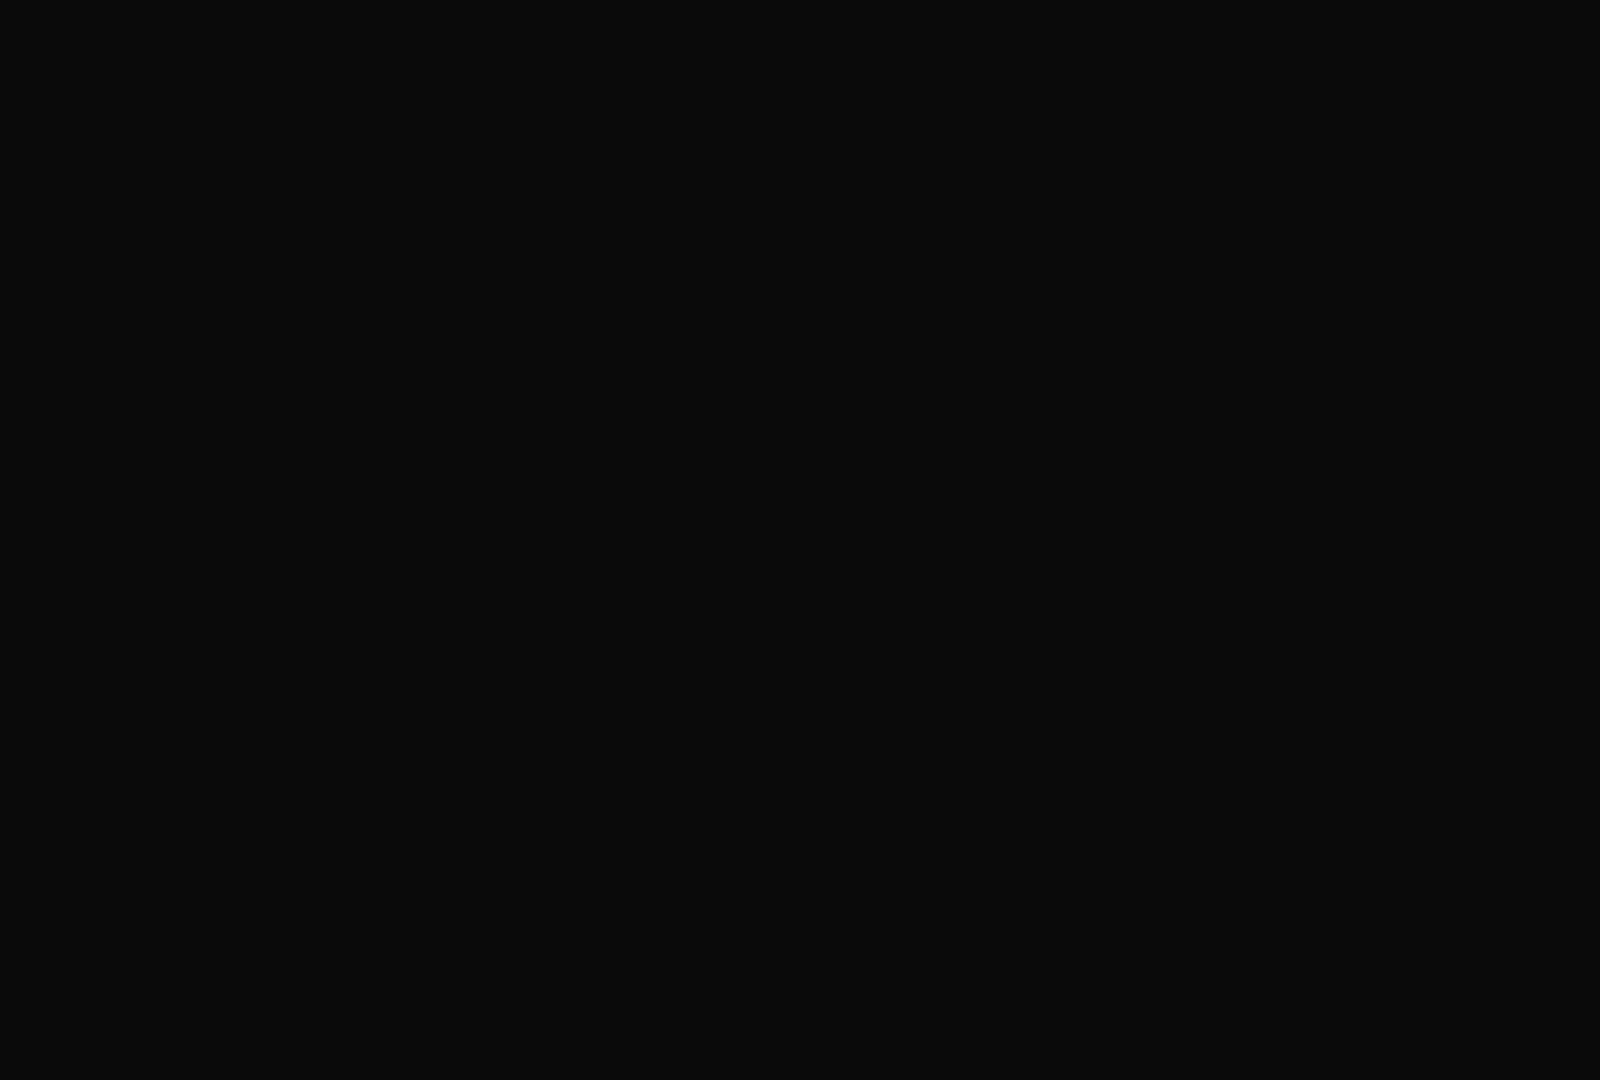 充血監督の深夜の運動会Vol.53 おまんこ セックス画像 97pic 23